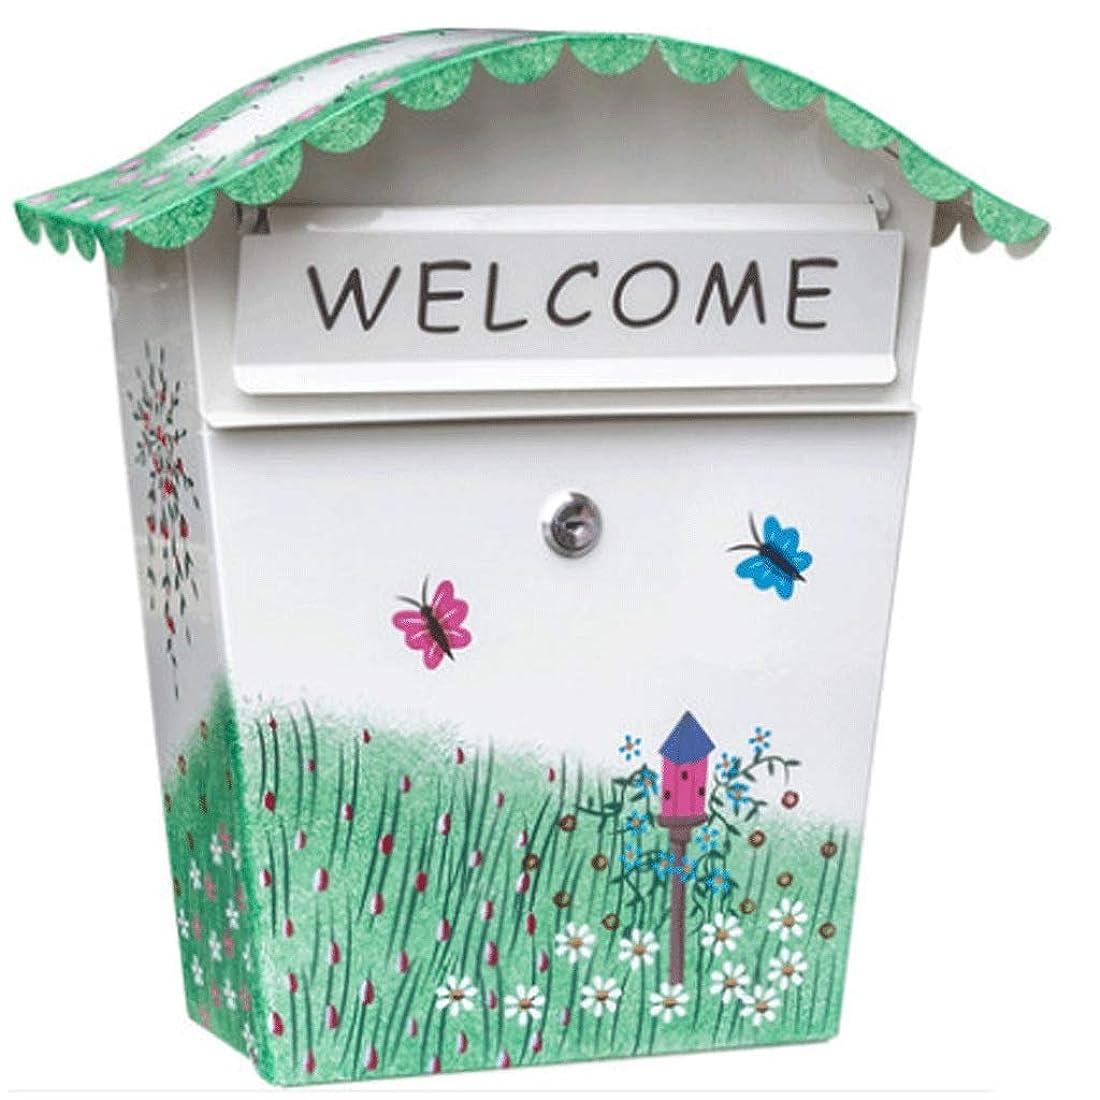 薄いです最も早い比類なきメールボックス牧畜用メールボックス壁用メールボックスロック付き防水メールボックス屋外用メールボックスクラスメールボックス